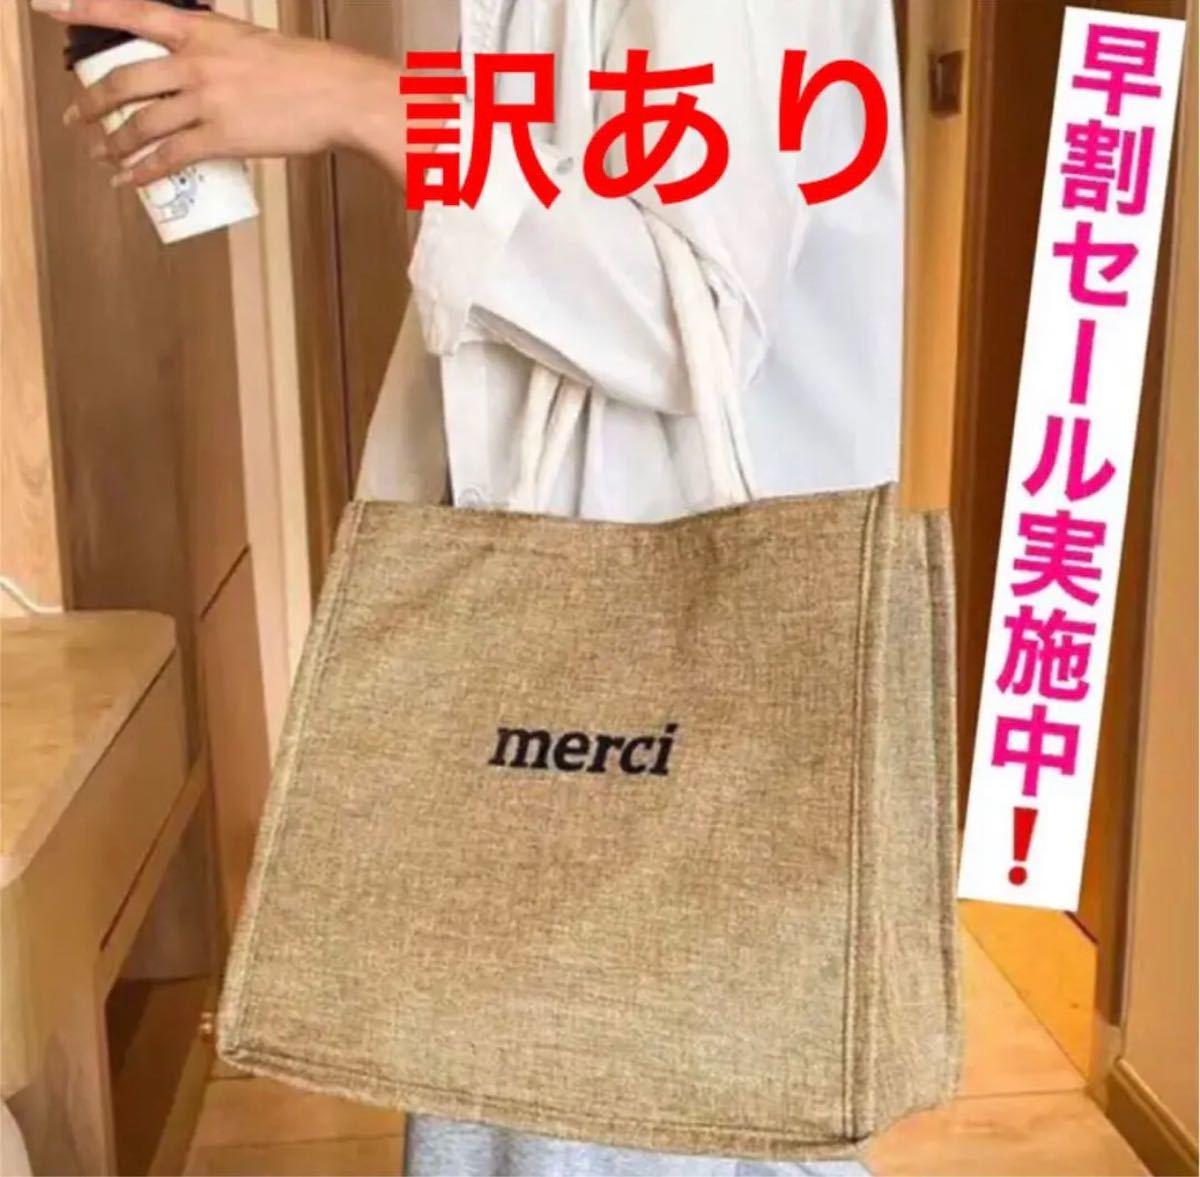 【訳あり】 ジュード トートバッグ  中に汚れ有り ジュードバッグ merci 麻 大容量